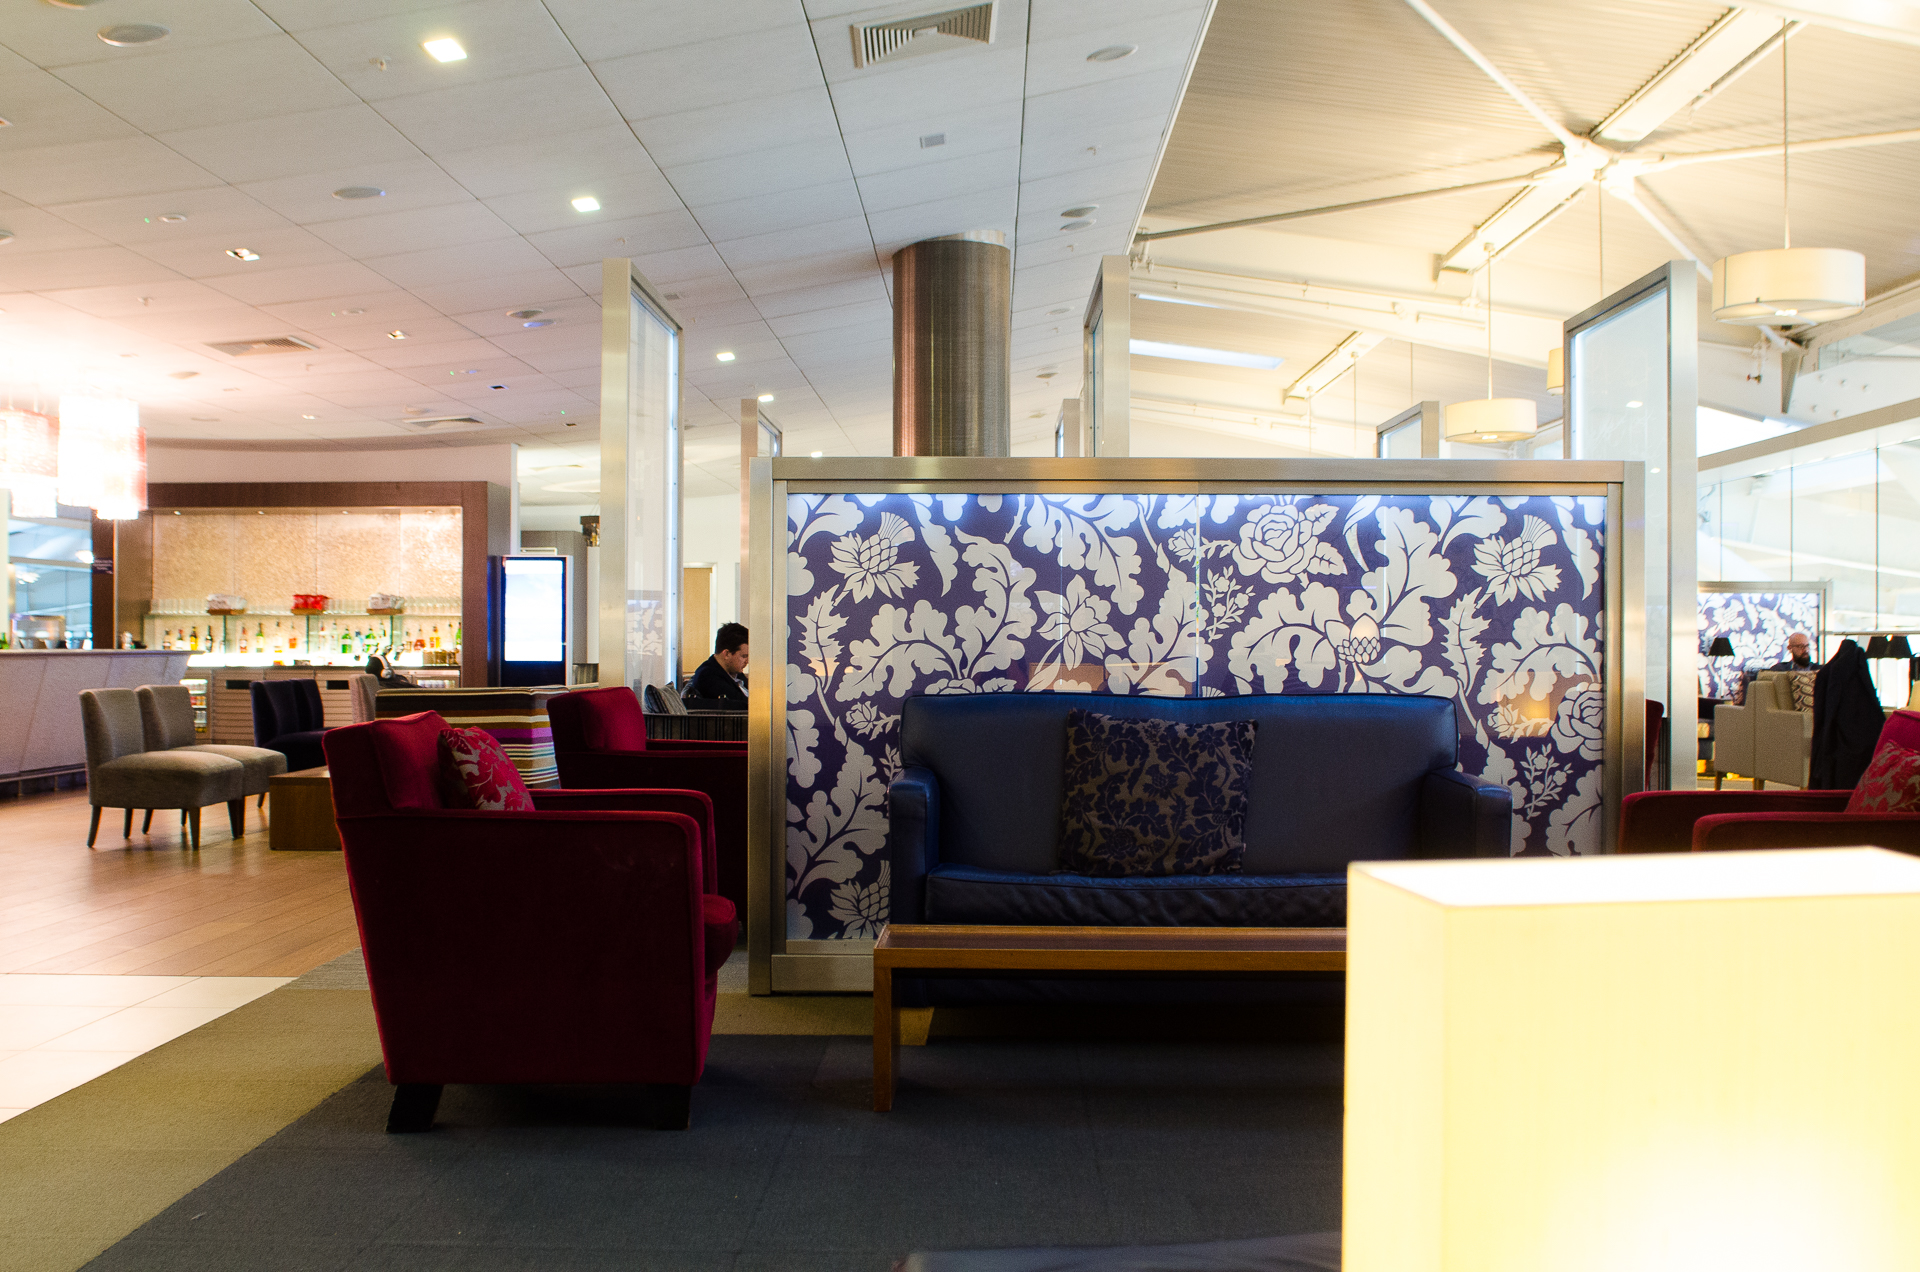 BA Lounge, Heathrow T5